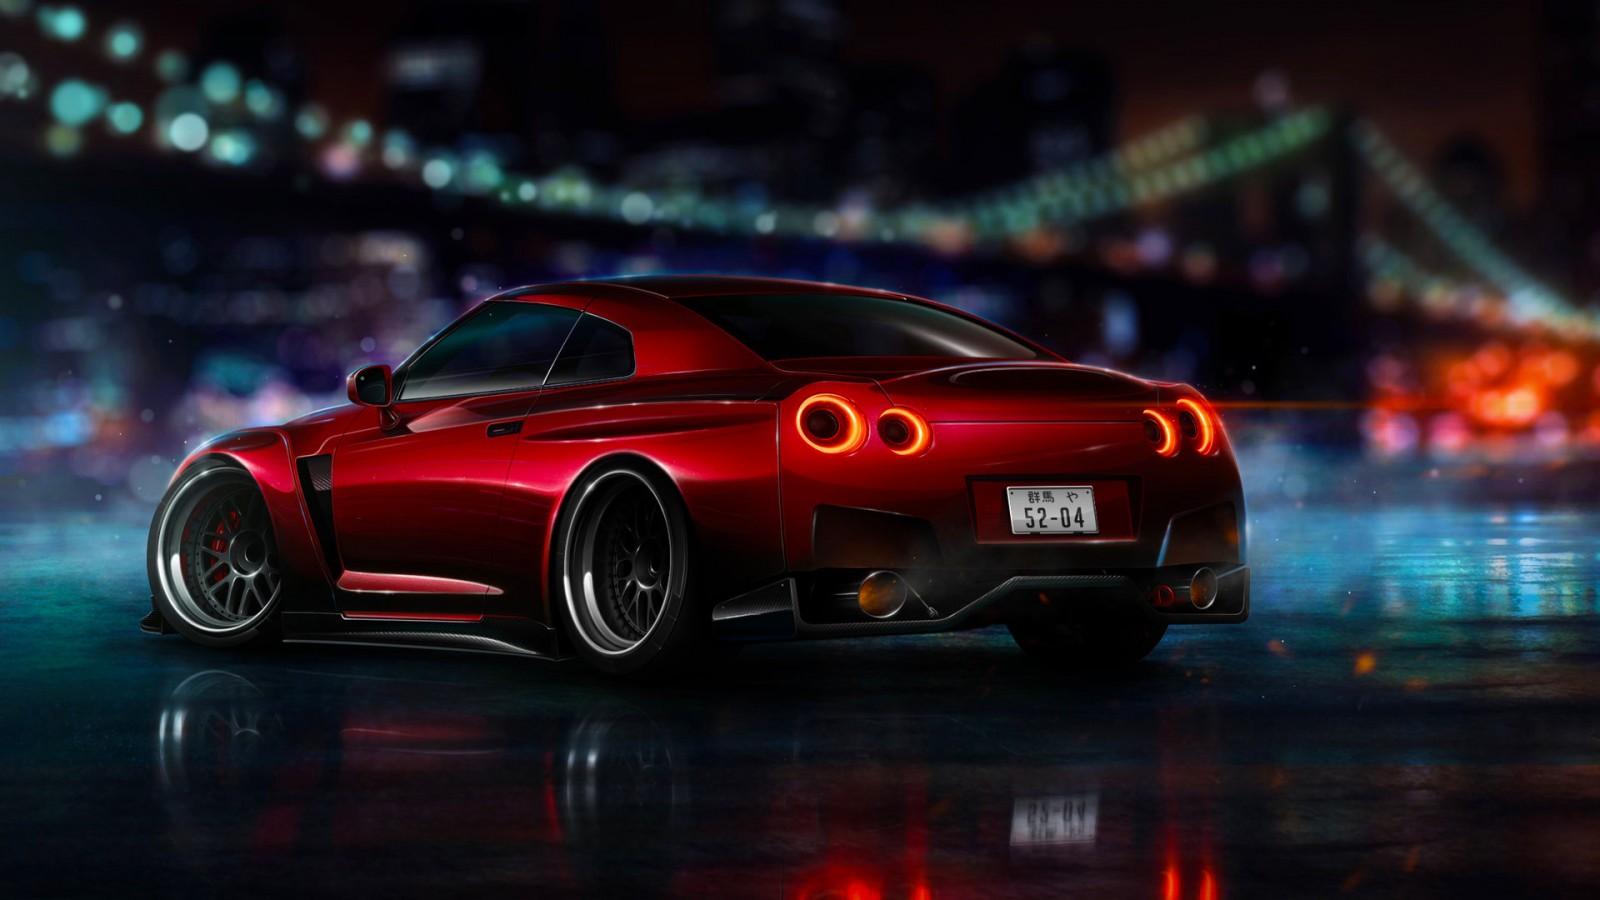 Nissan GT R R35 Wallpaper | HD Car Wallpapers | ID #5716